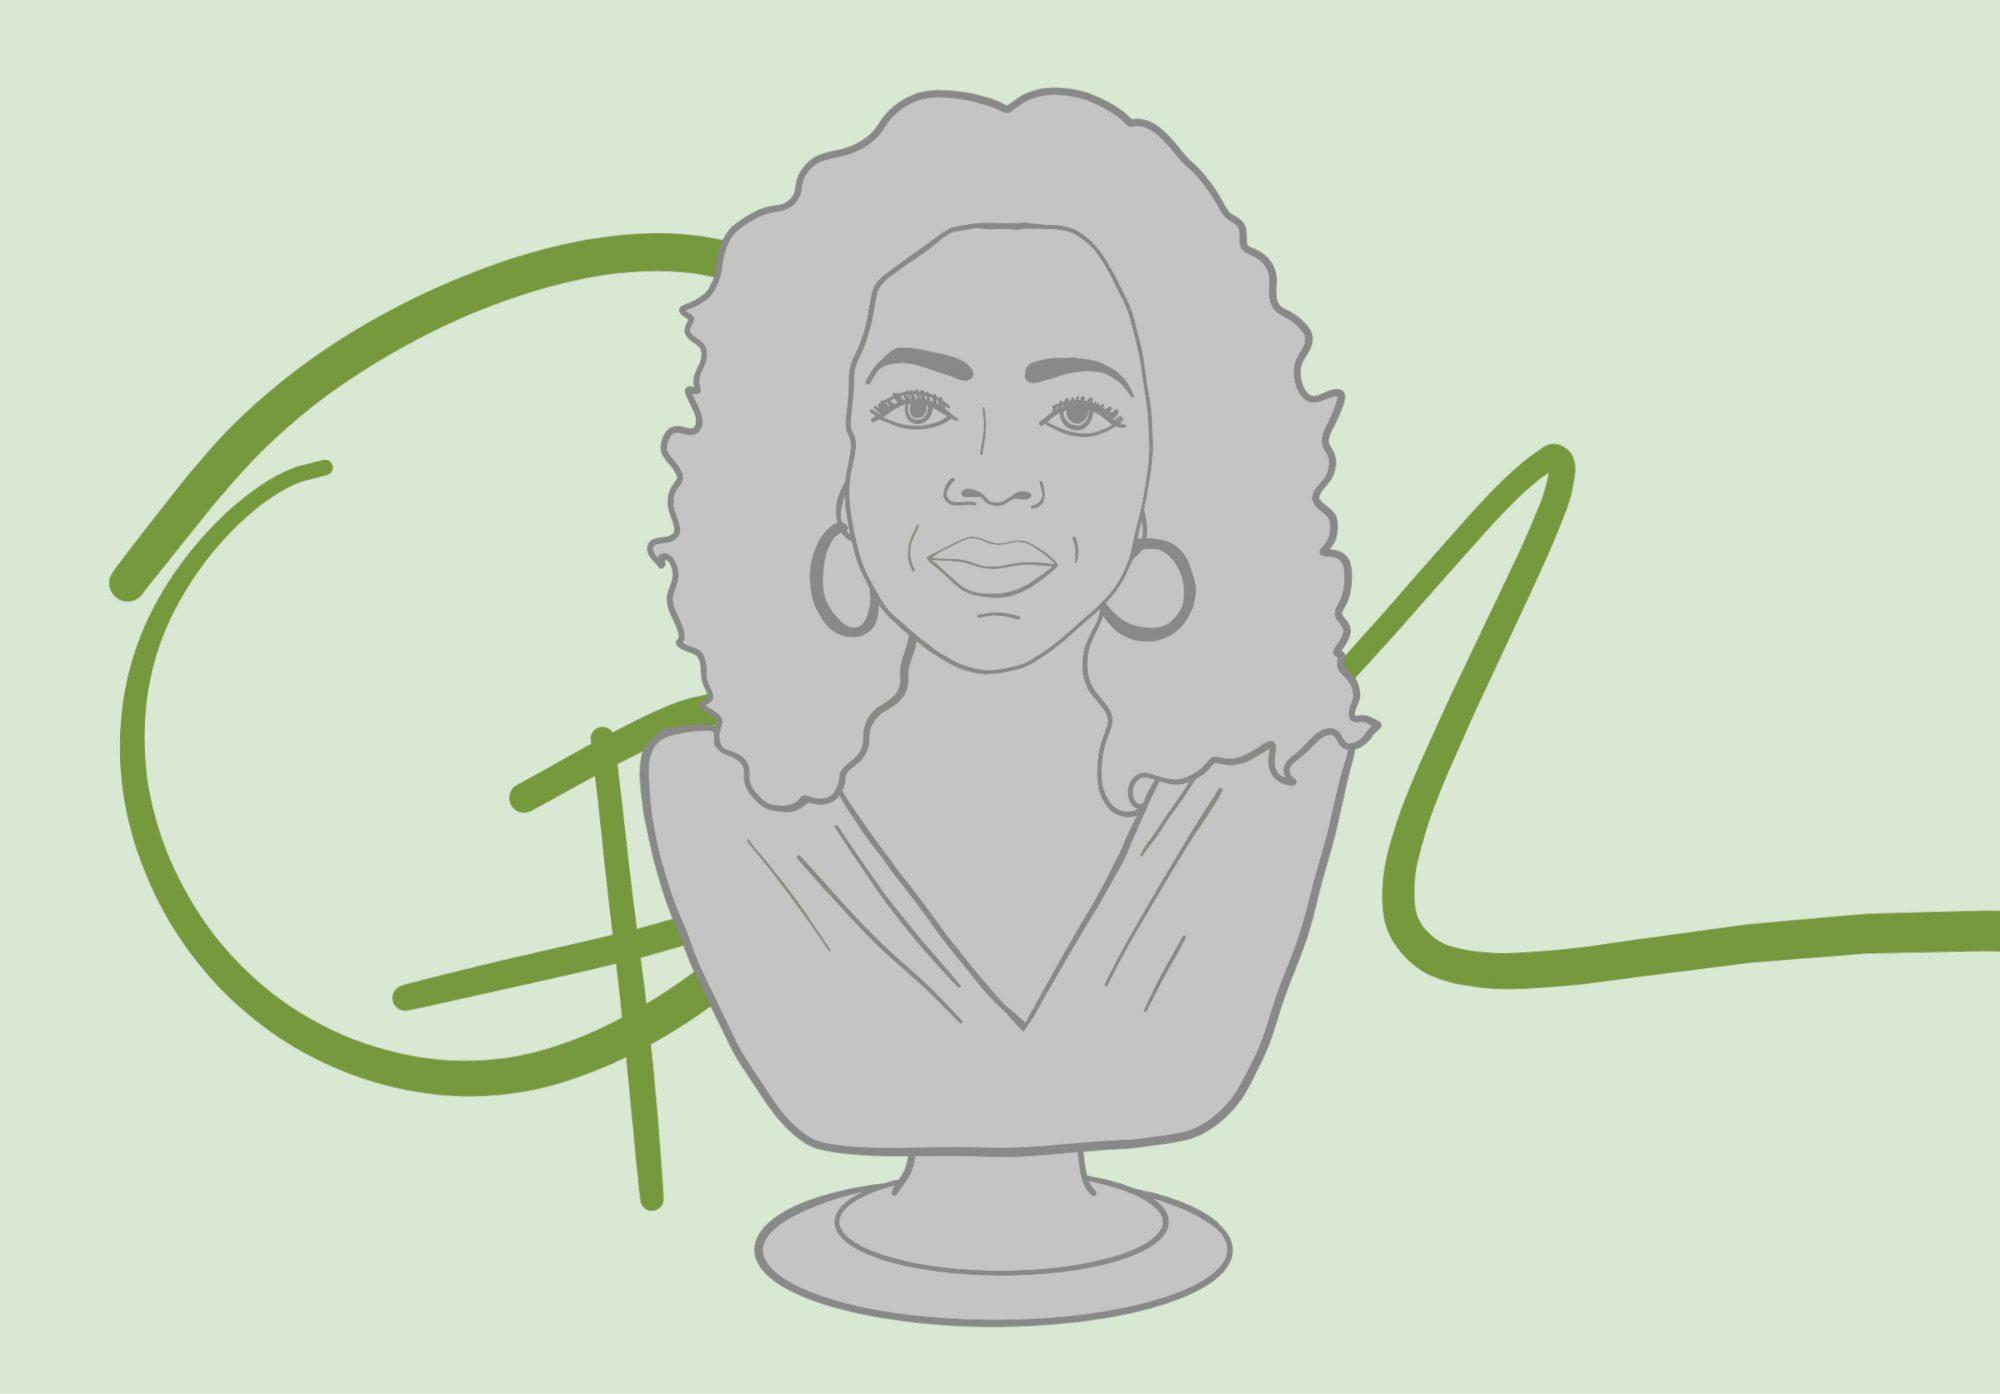 A bust of Oprah